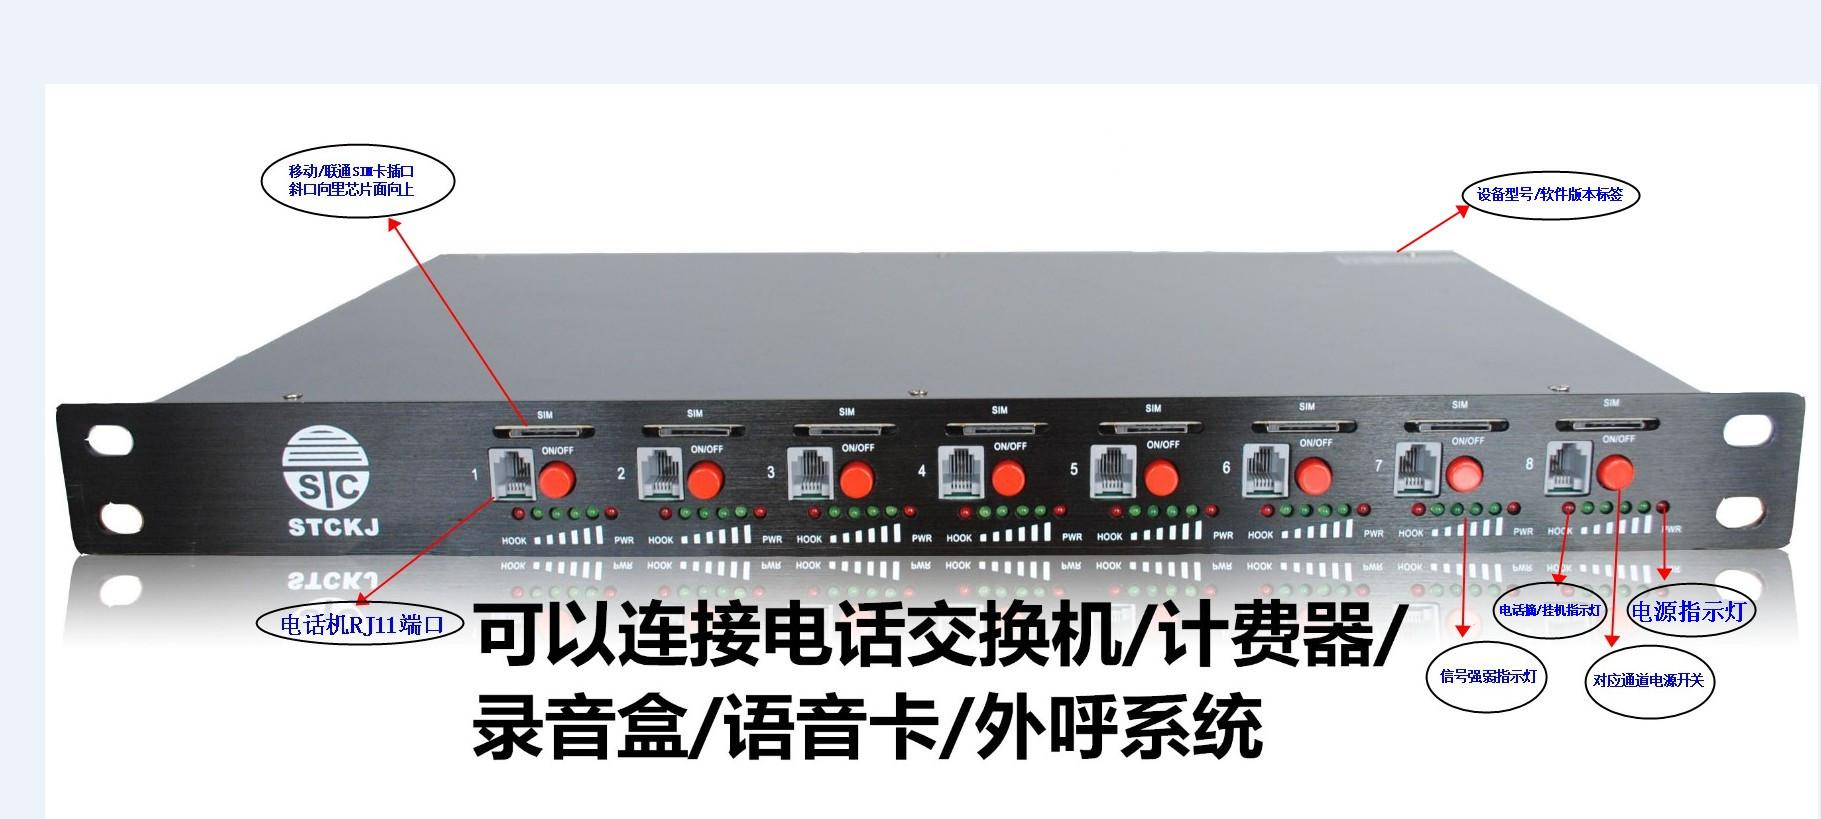 4G全网通无线固话平台联通移动电信无线固话 2